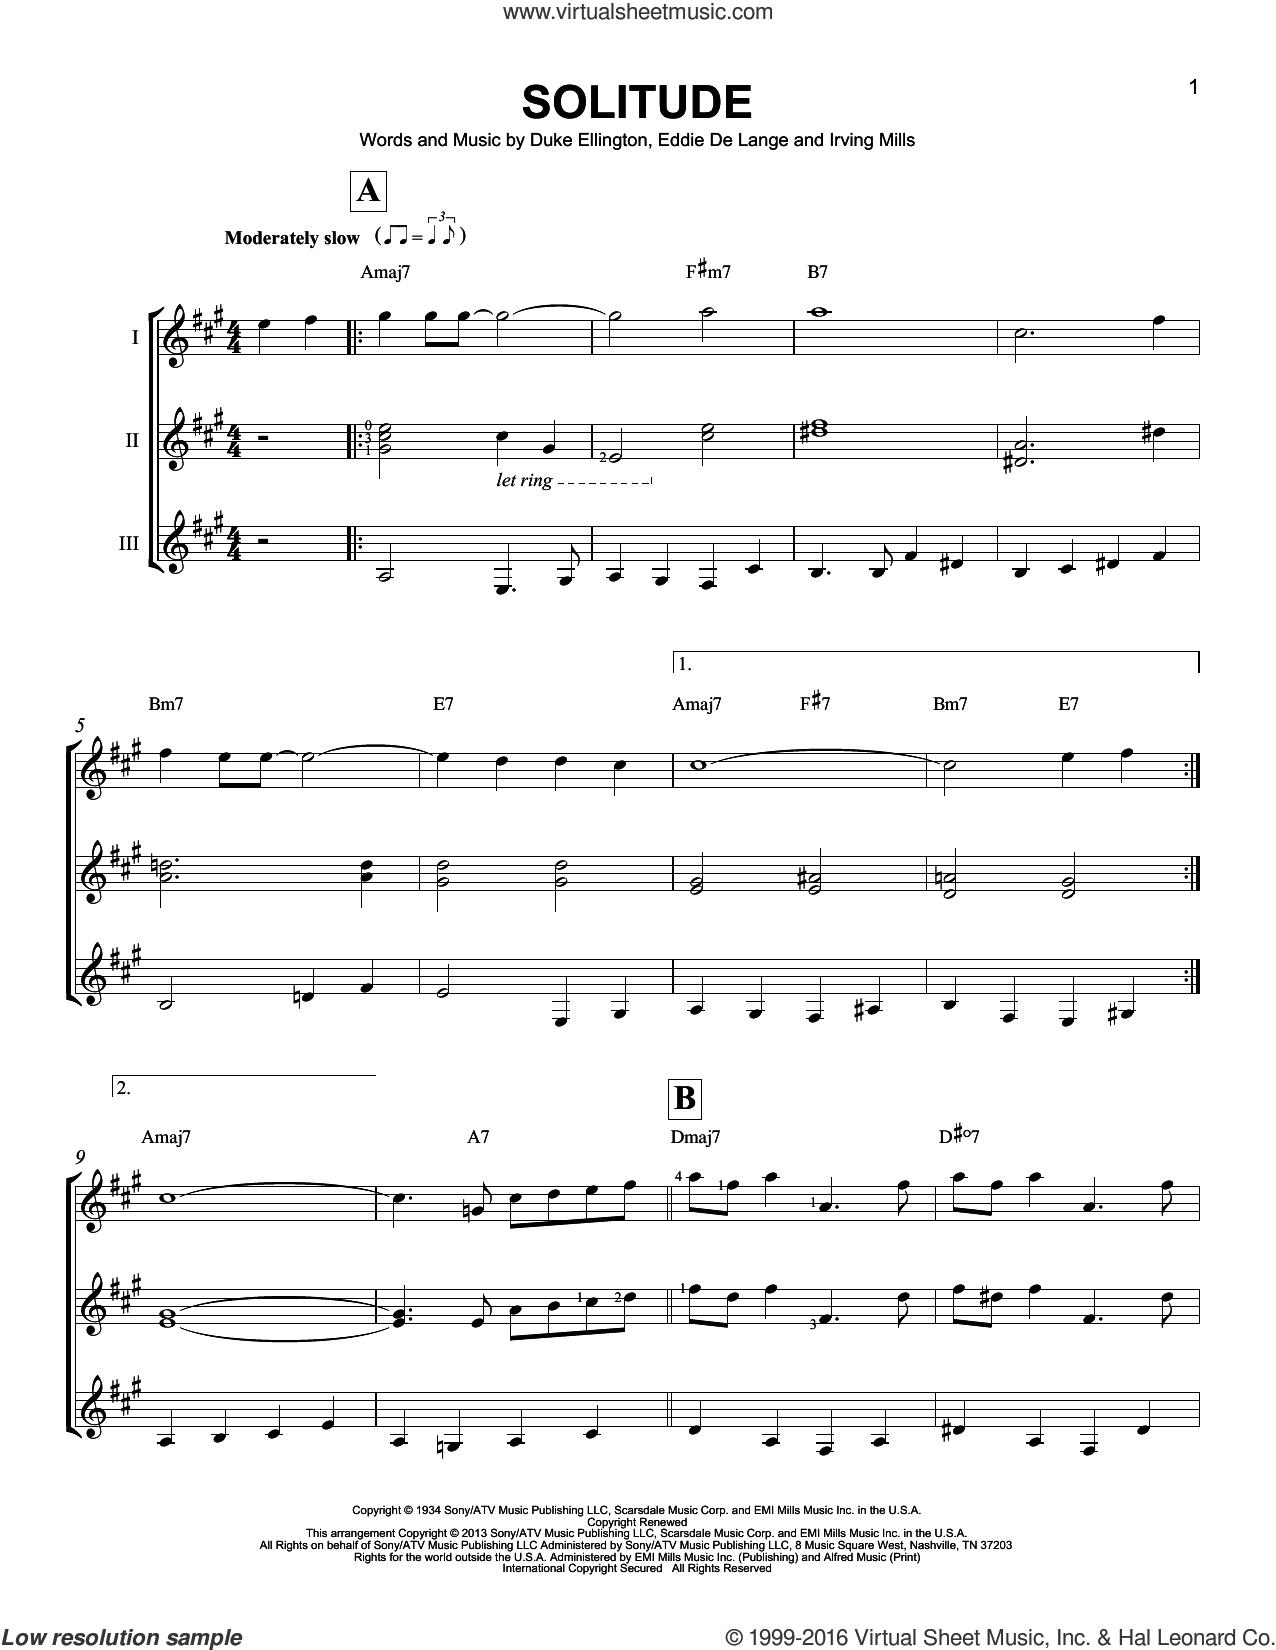 Solitude sheet music for guitar ensemble by Duke Ellington, Eddie DeLange and Irving Mills, intermediate skill level